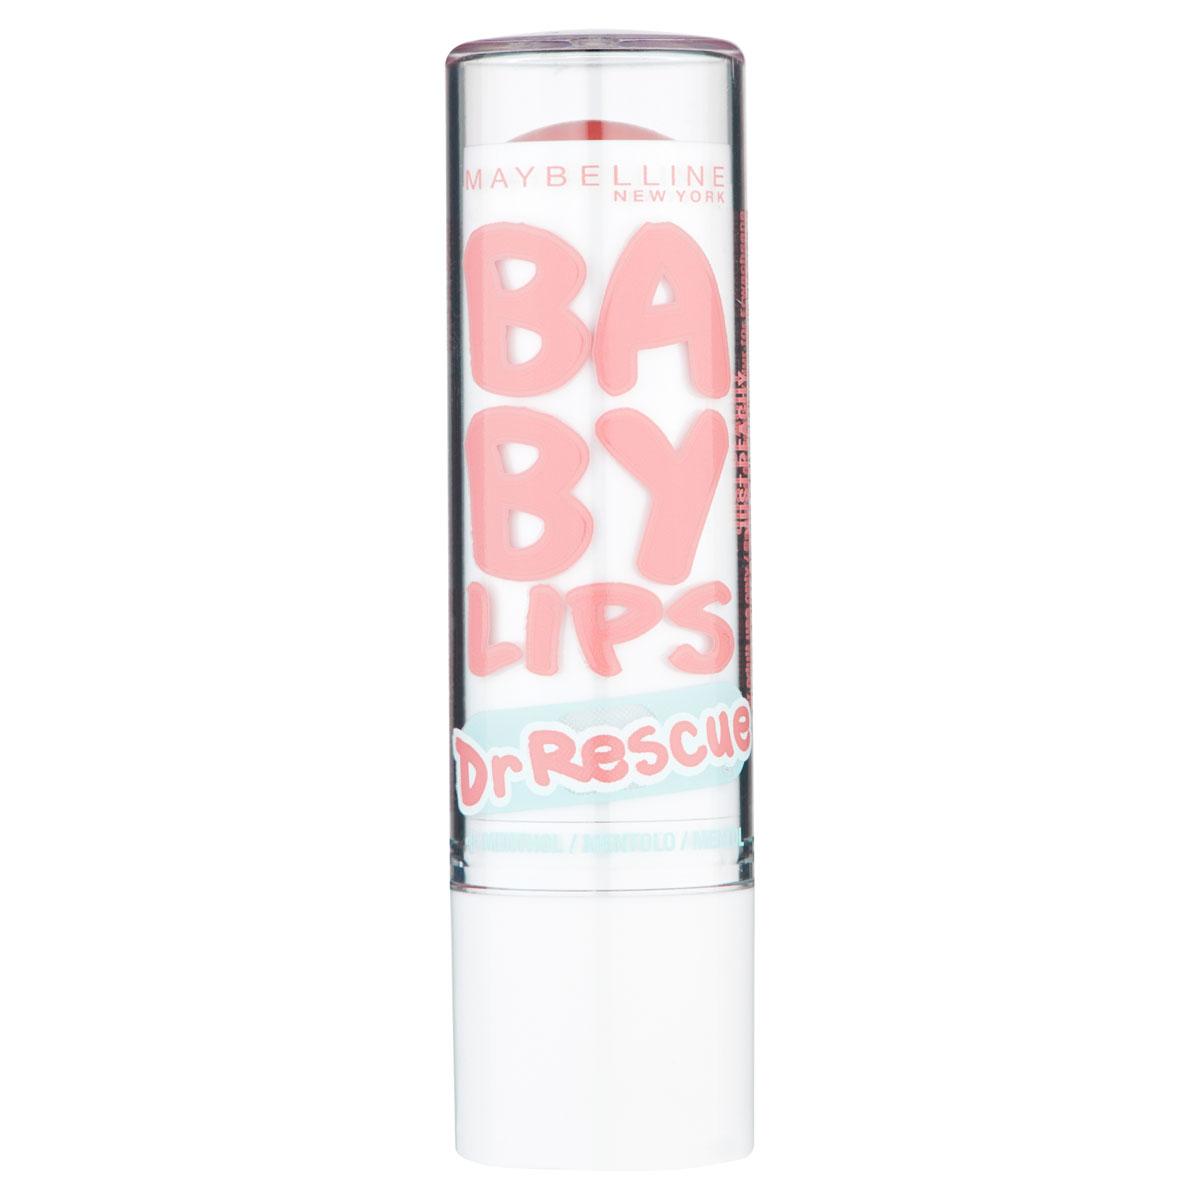 Maybelline New York Бальзам для губ Baby Lips, Доктор Рескью, восстанавливающий и увлажняющий, Эвкалипт, 1,78 млБ33041Бейби Липс Доктор Рескью Эвкалипт максимально увлажняет губы. Результат виден уже через 60 секунд после нанесения!